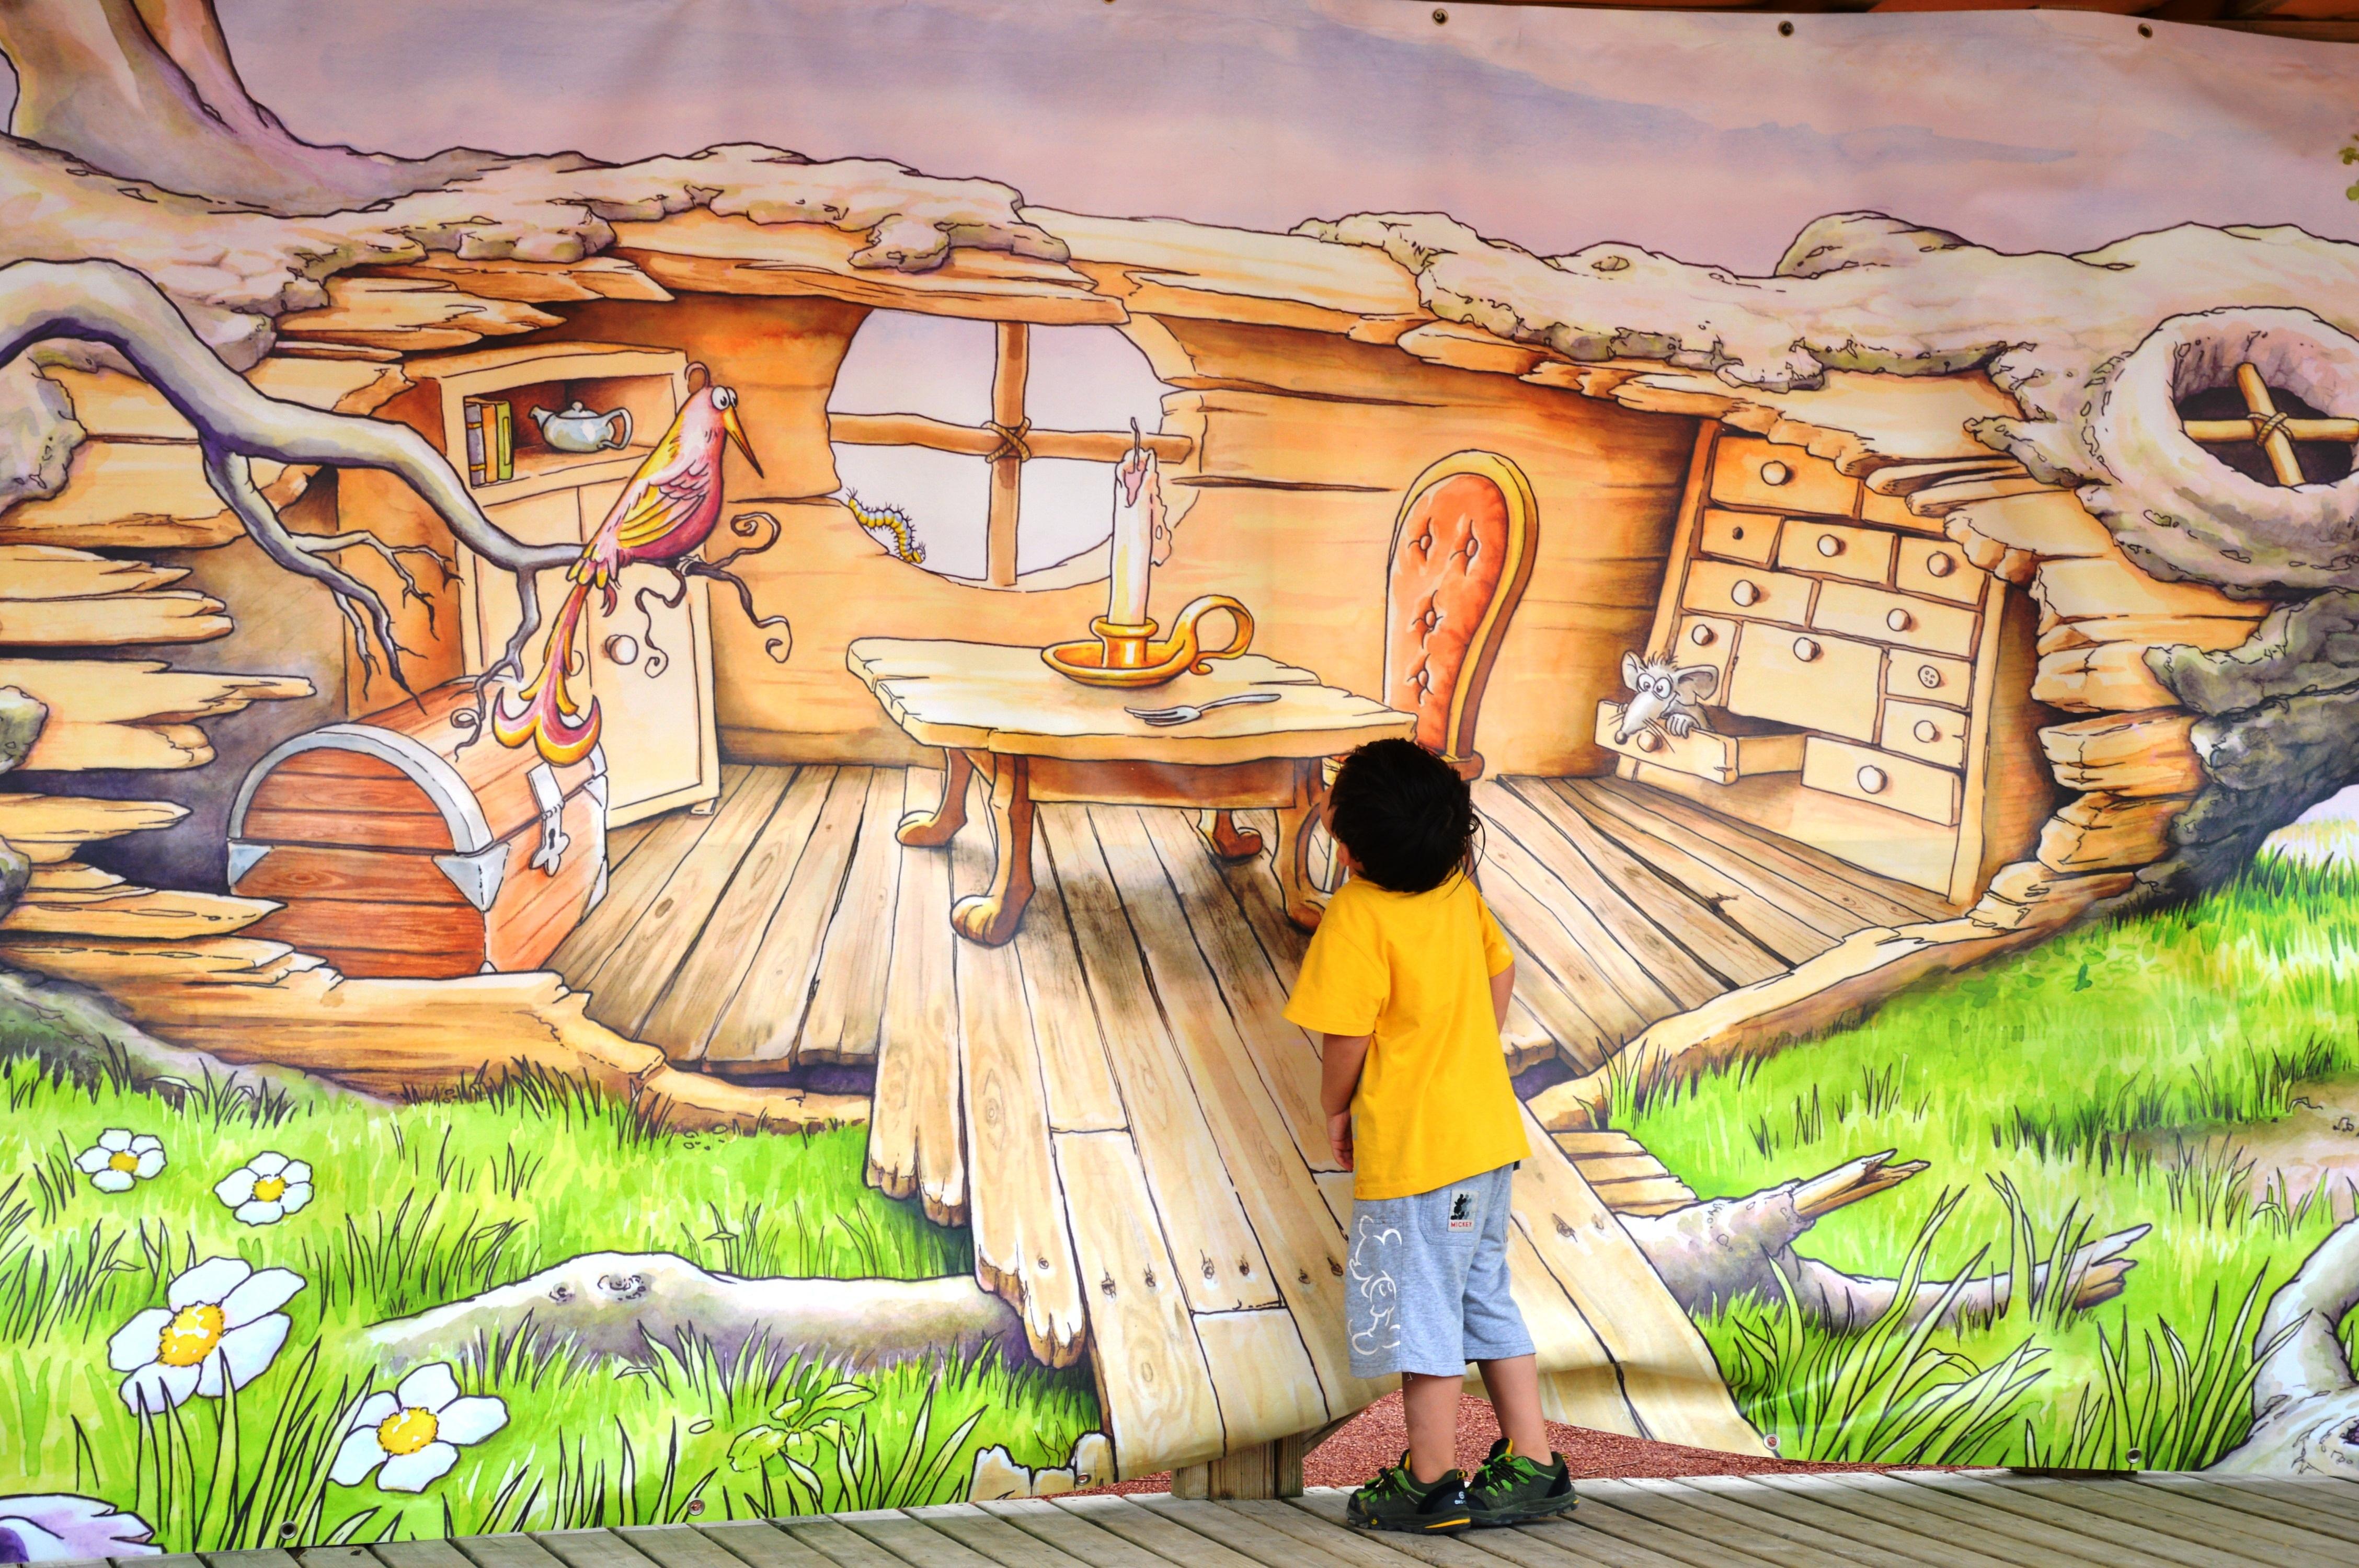 Gambar Anak Dekorasi Seni Mimpi Ilustrasi Lukisan Dinding